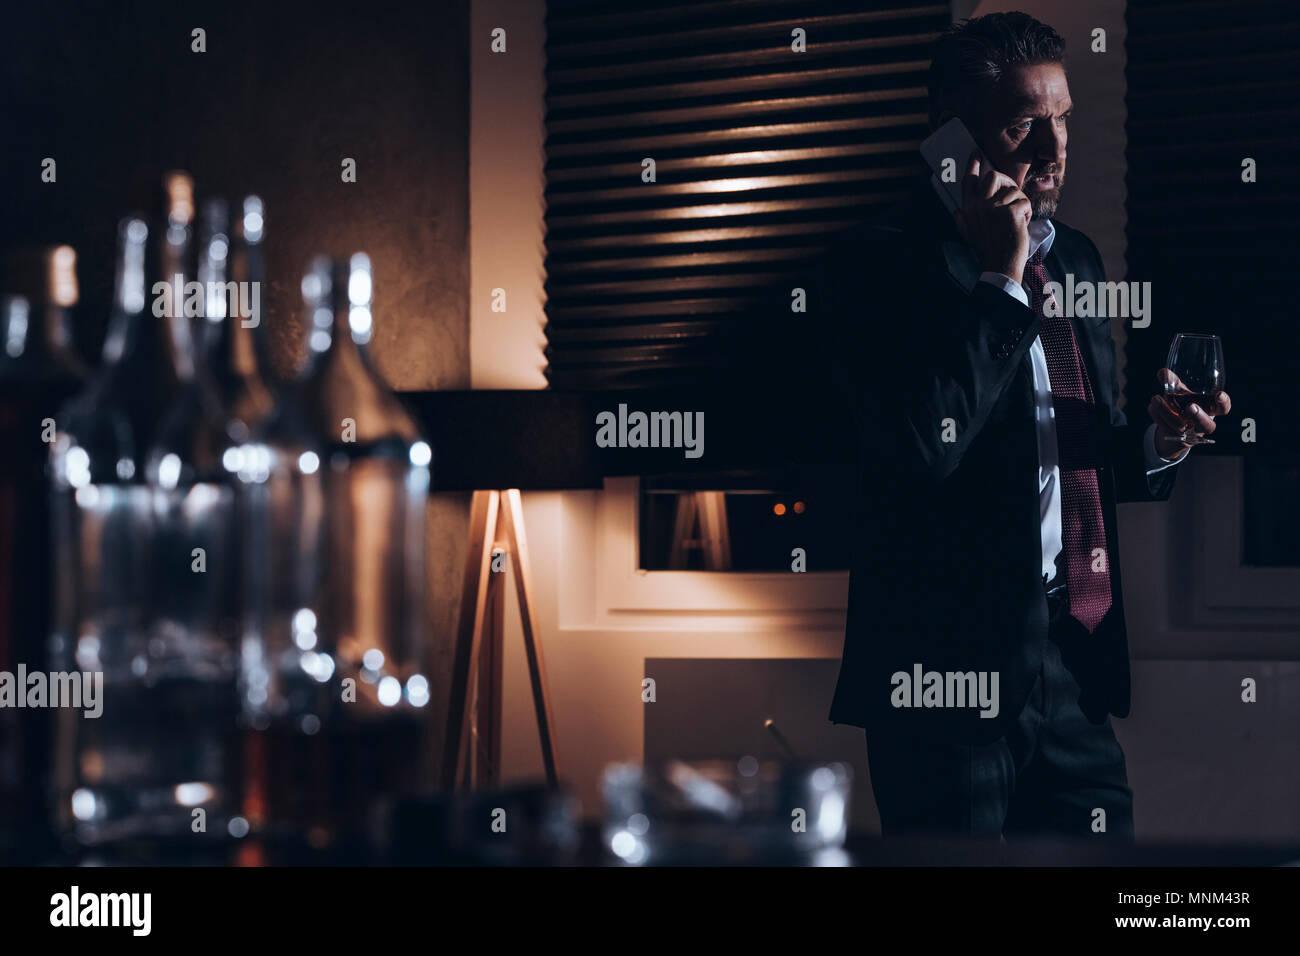 Sottolineato uomo di mezza età in un vestito a parlare al telefono e tenendo un bicchiere di alcool mentre in piedi in una stanza buia con vuoto booze bottiglie in un blu Immagini Stock